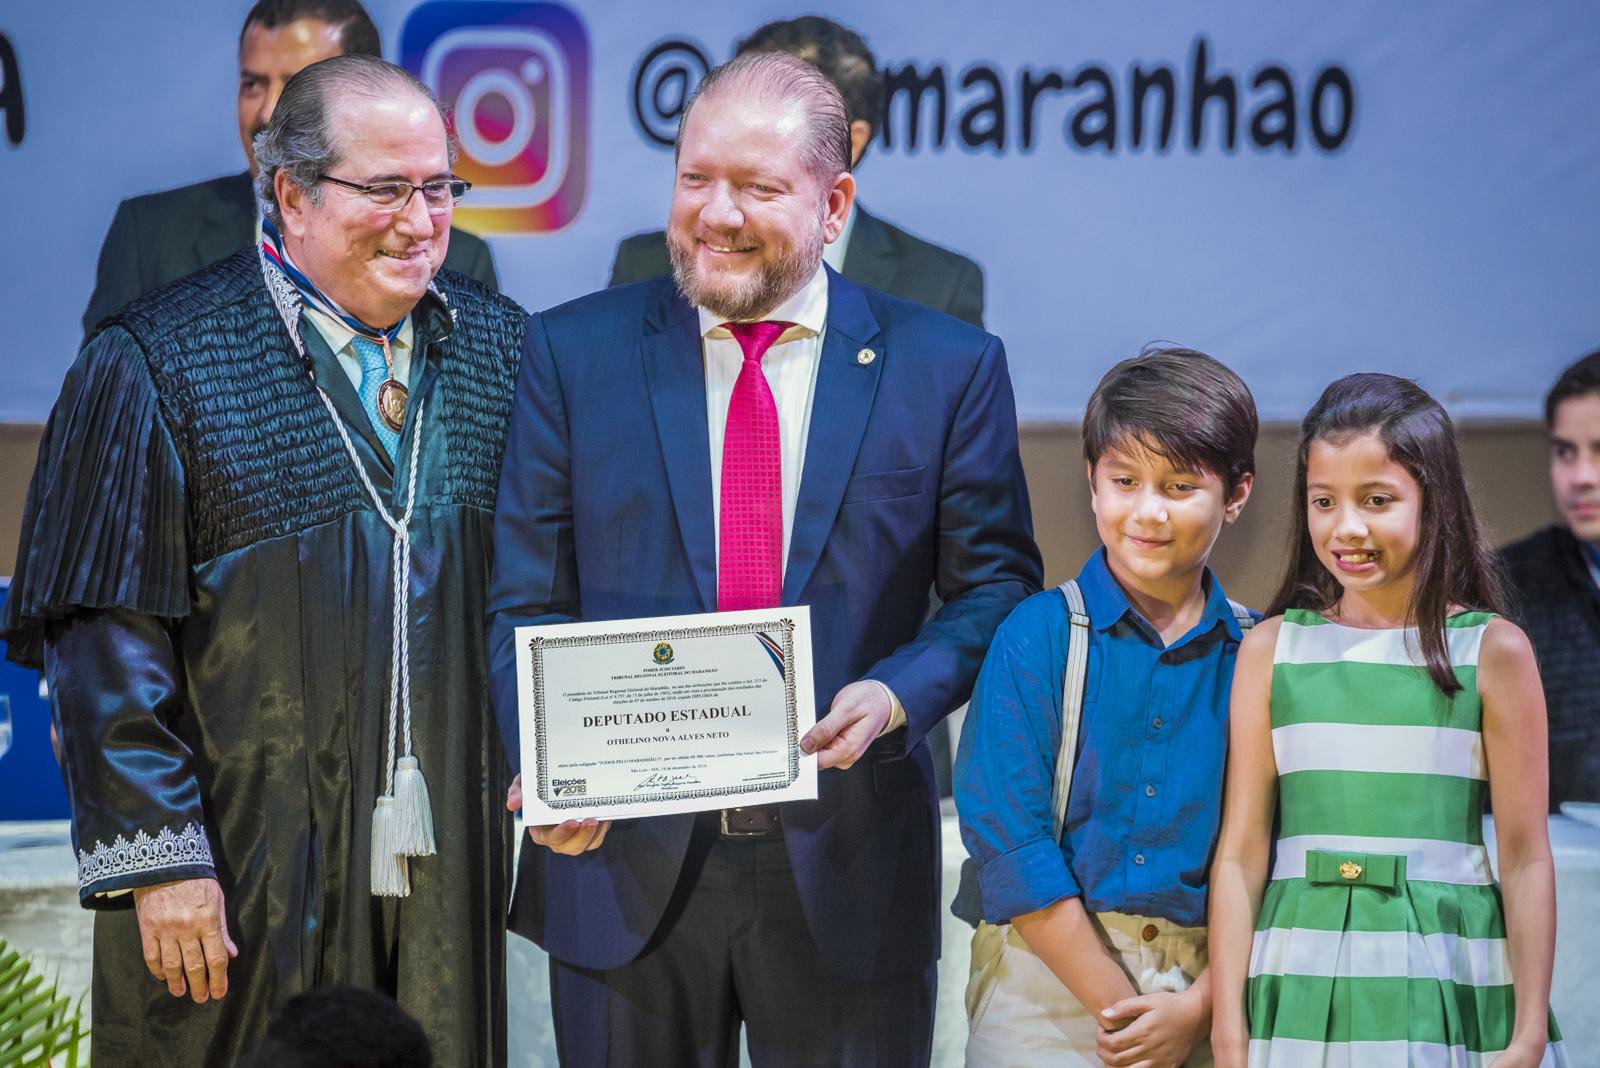 Othelino Neto é diplomado para o terceiro mandato de deputado estadual